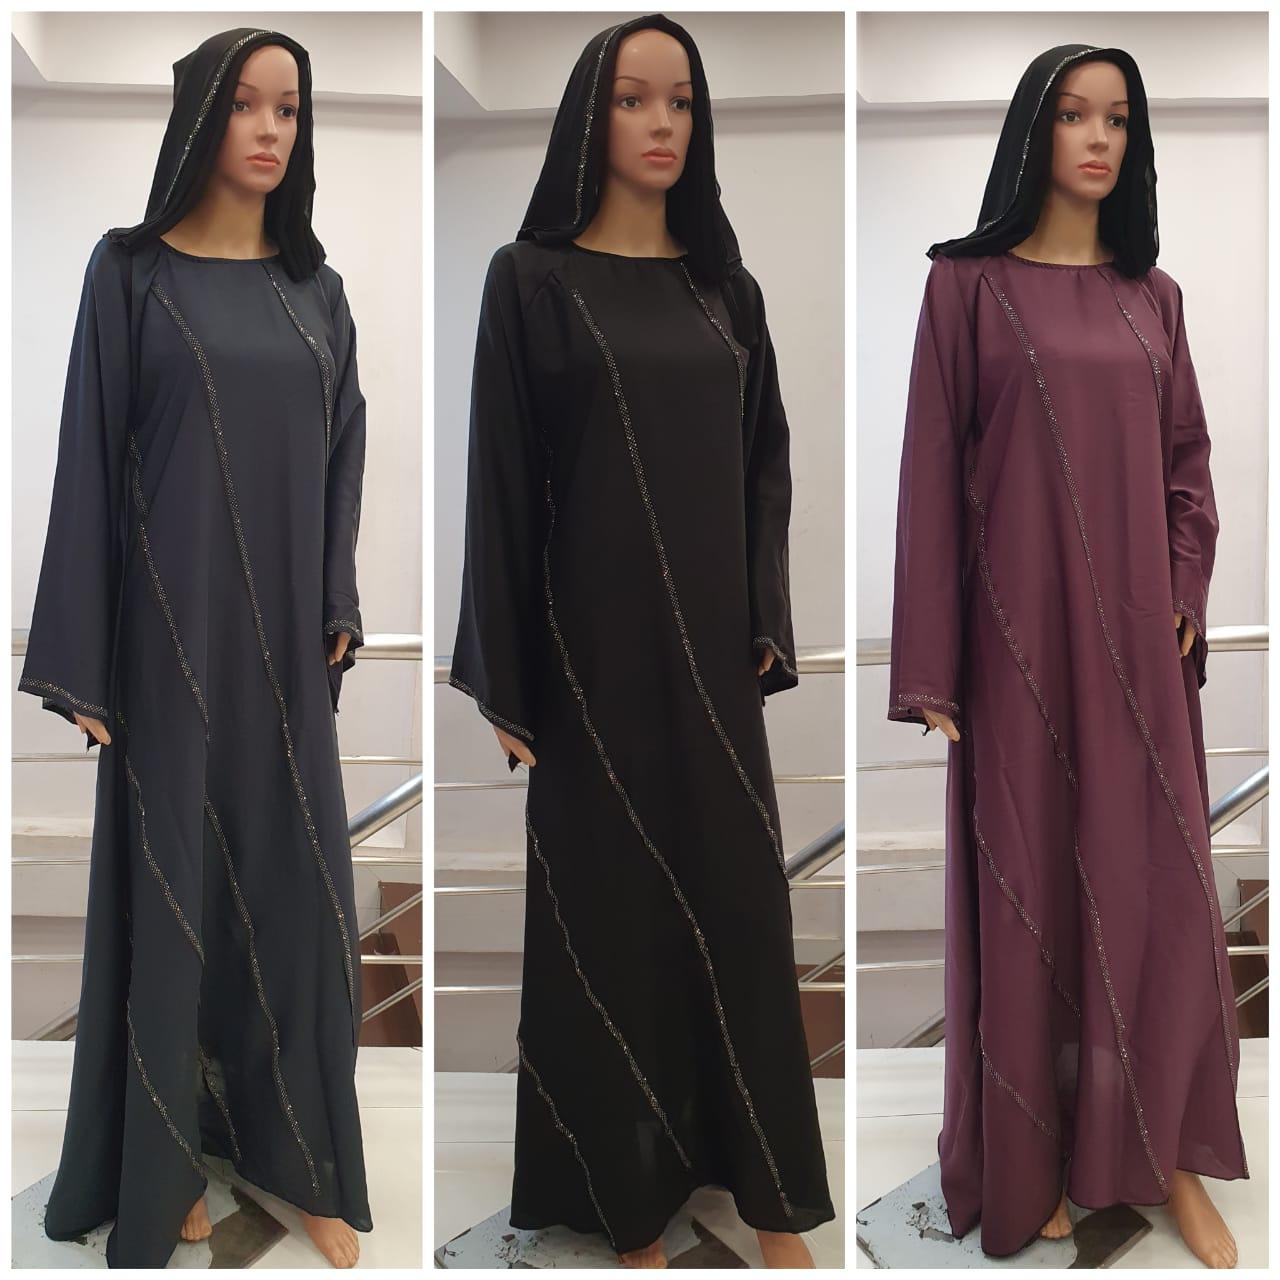 Nida Burqa Simple Big Umbrella Type Burqa With Diamonds Work On Border In Singles